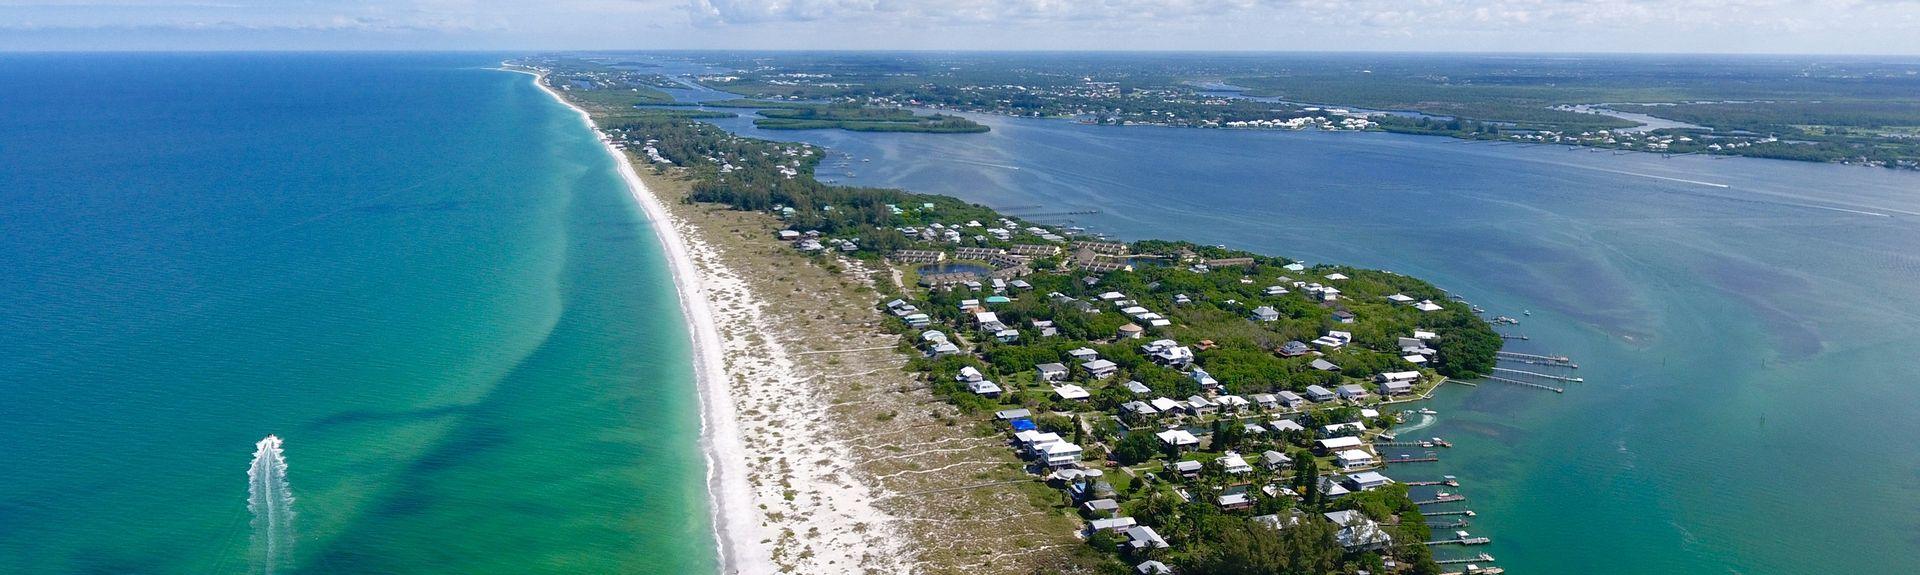 Lemon Bay, Φλόριντα, Ηνωμένες Πολιτείες